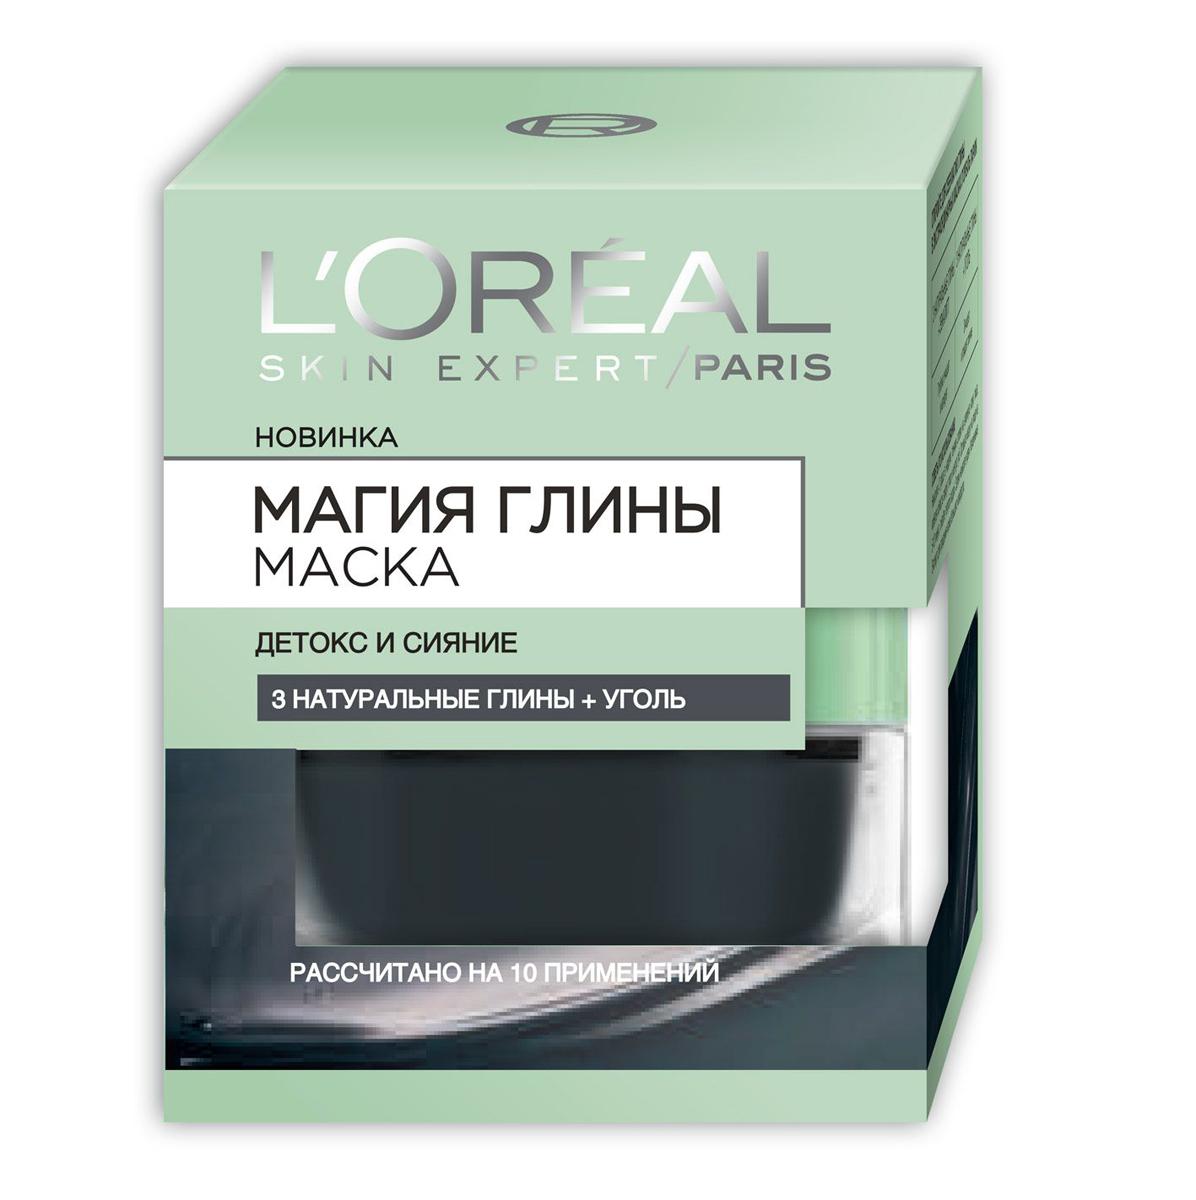 LOreal Paris Маска для лица Магия Глины детокс и сияние, с углем, для всех типов кожи, 50 млA8904900Лаборатории Л`Ореаль Париж соединили 3 натуральные очищающие глины и уголь, подобно магниту вытягивающий загрязнения, чтобы создать маску, которая борется с токсинами и возвращает естественное сияние кожи. Магия 3 натуральных глин и угля 1. Каолин - глина, насыщенная силикатами,эффективно поглощает загрязнения и борется с жирным блеском. 2. Гассул-глина, богатая микроэлементами, возвращает свежий и здоровый цвет лица. 3. Монтмориллонит - глина, в состав которой входят полезные минералы, целенаправлено борется с несовершенствами кожи.